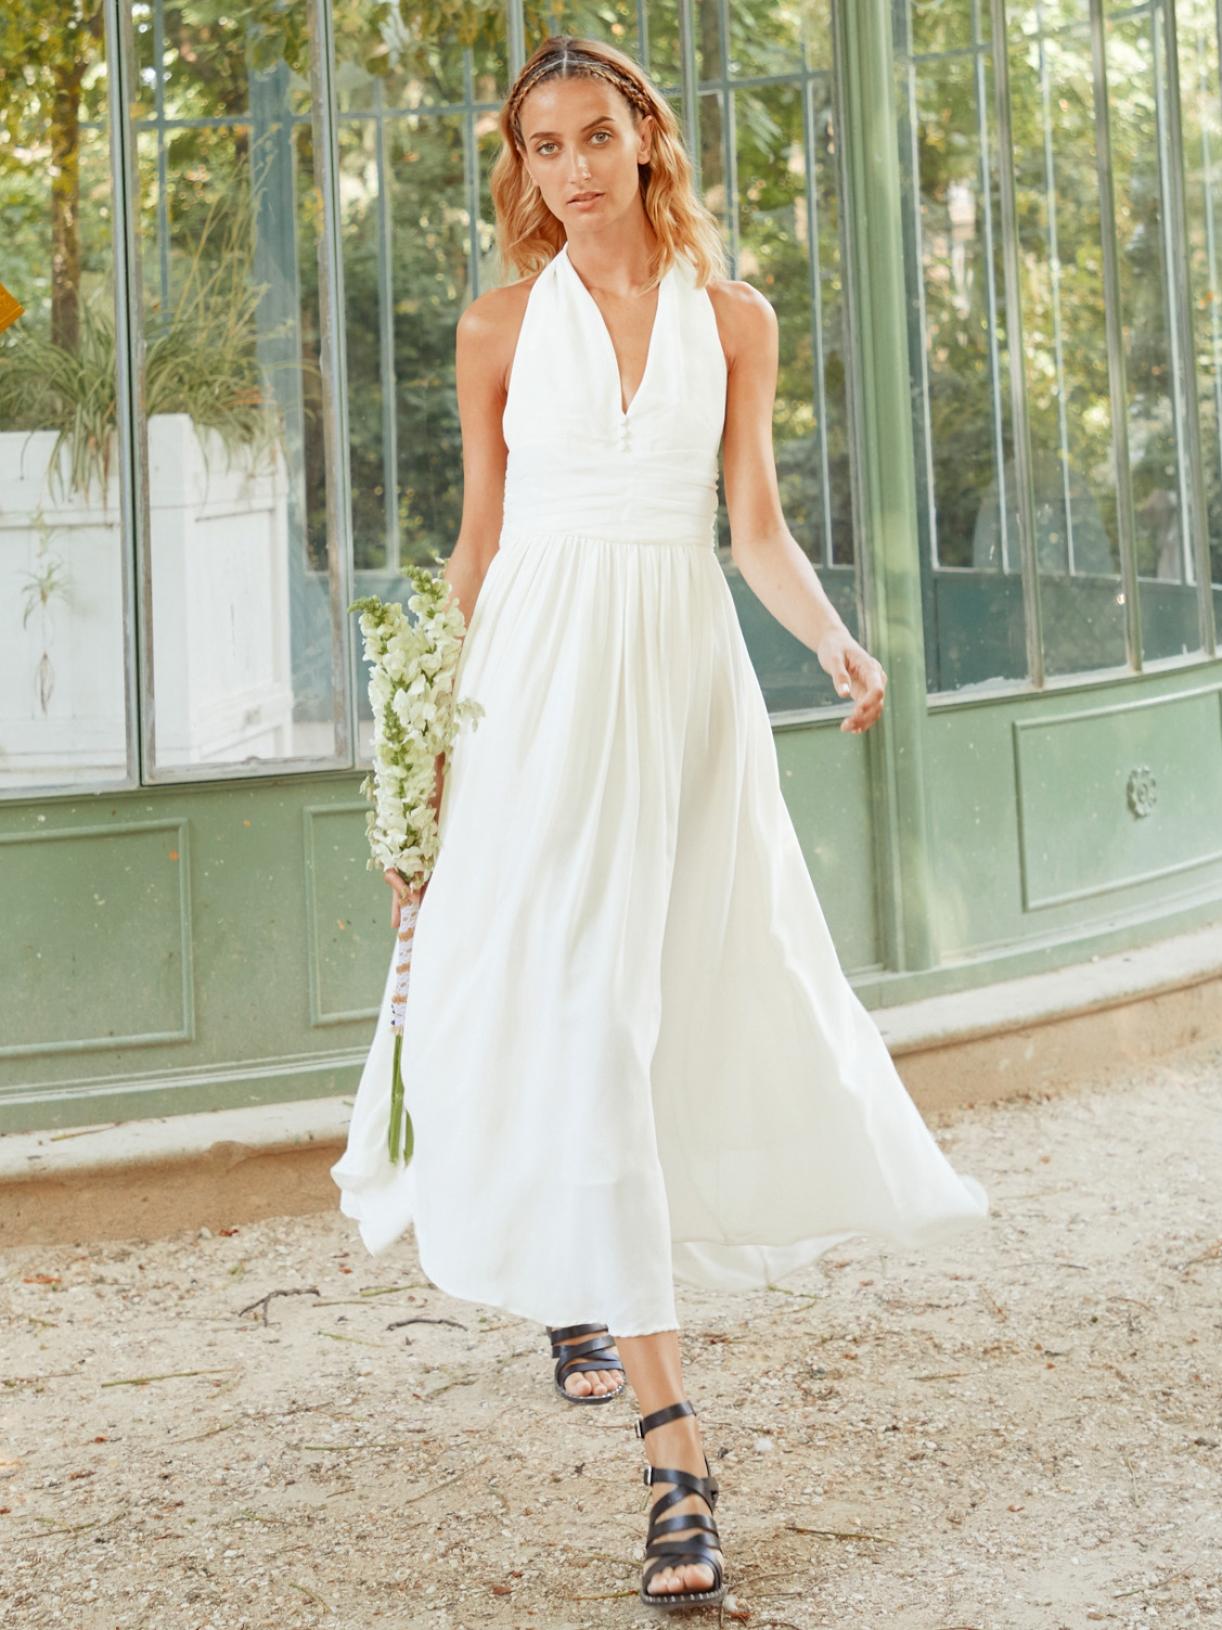 Marilyn - Robe de mariée longue décolleté marilyn monroe style année 50 créateur et sur-mesure pas cher a Paris - Myphilosophy